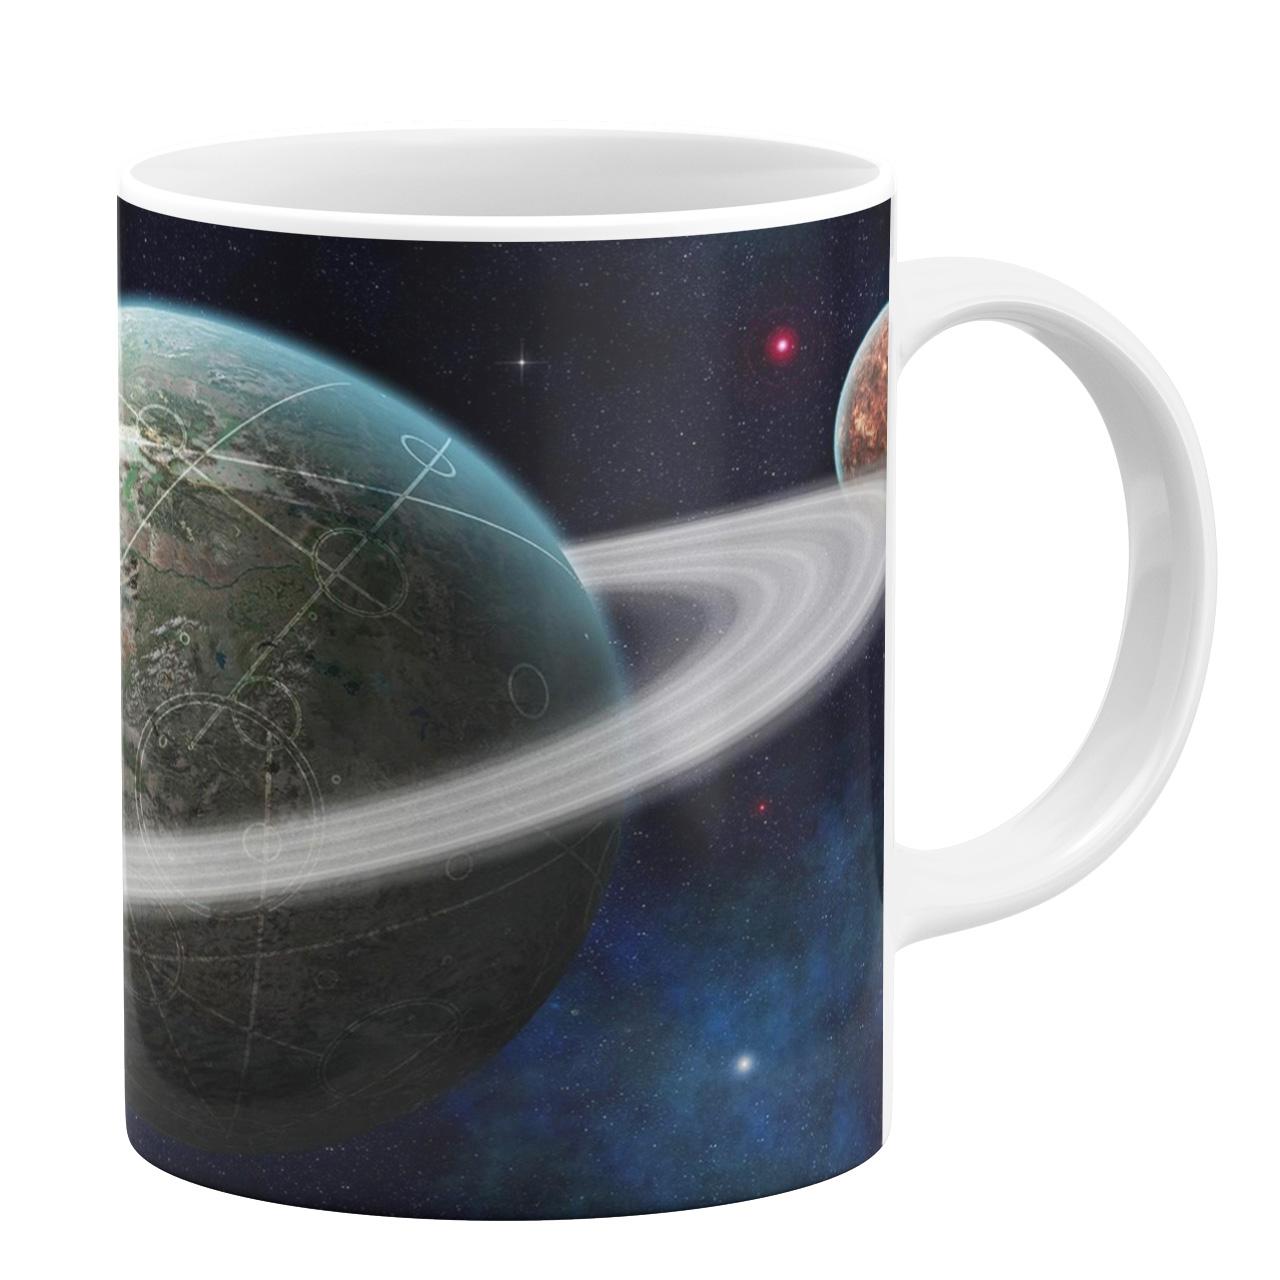 ماگ طرح سیاره کد 1105348